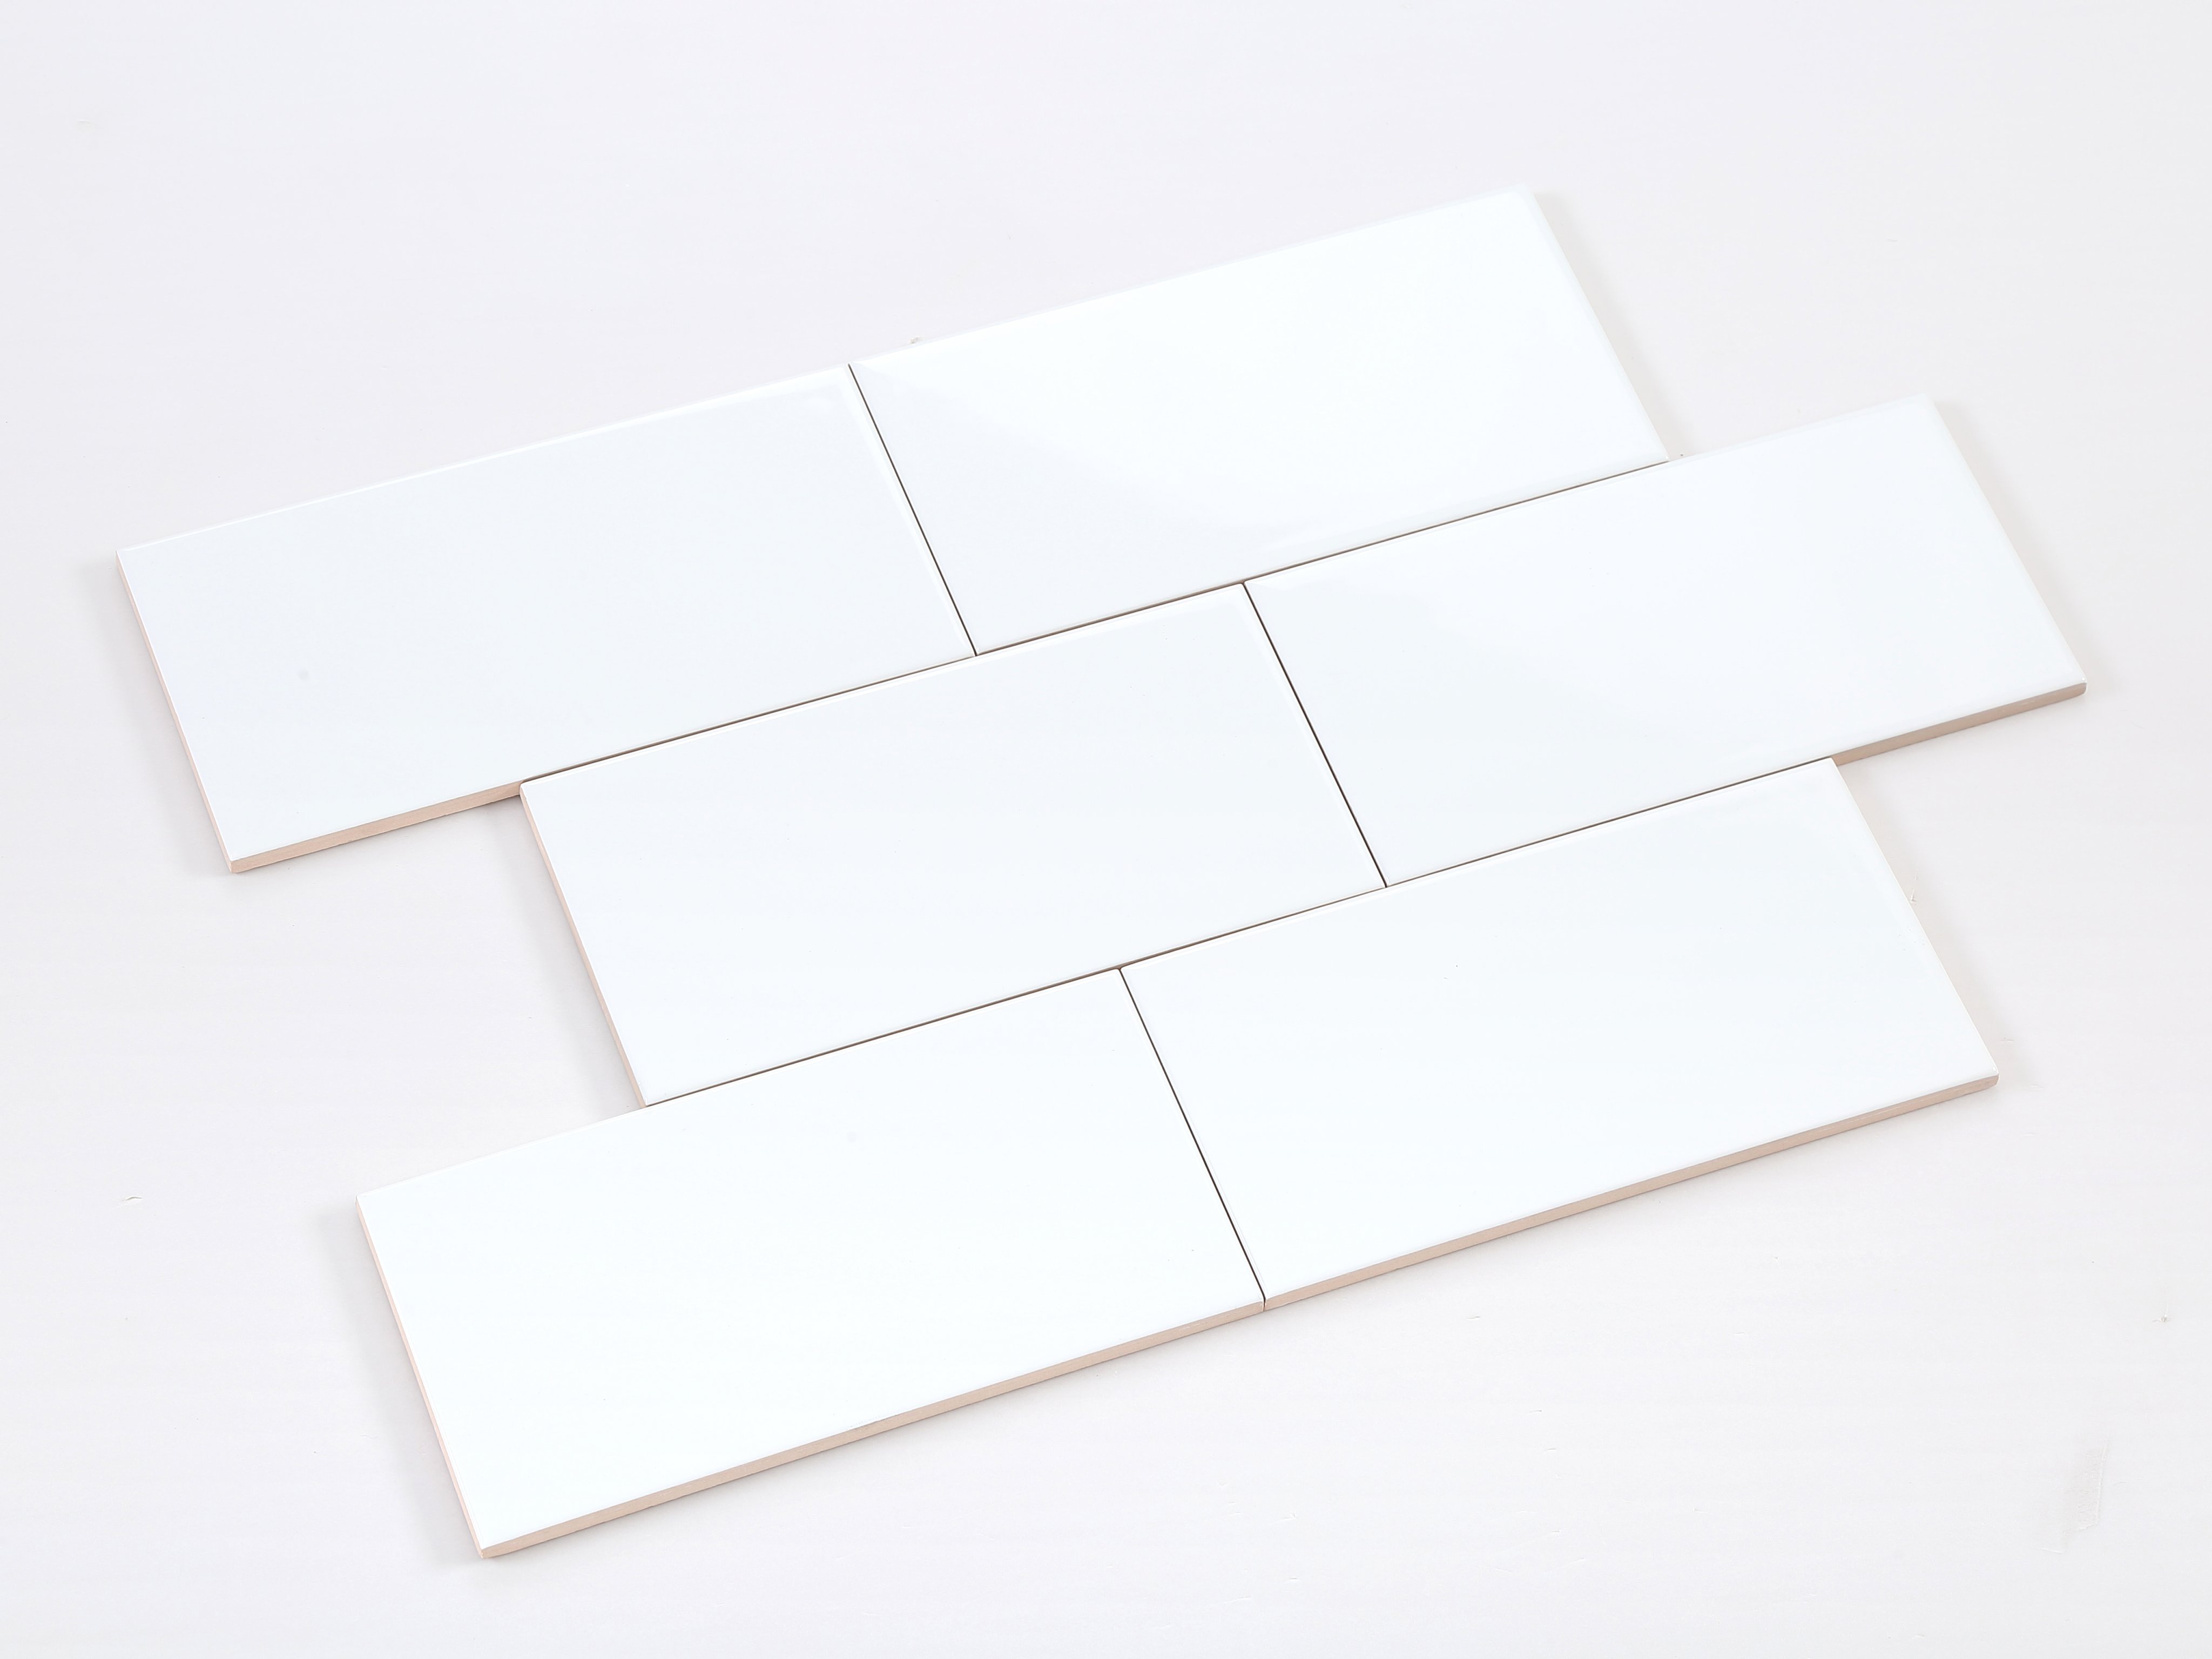 Gạch thẻ ốp tường trang trí trắng mờ phẳng VPM1200